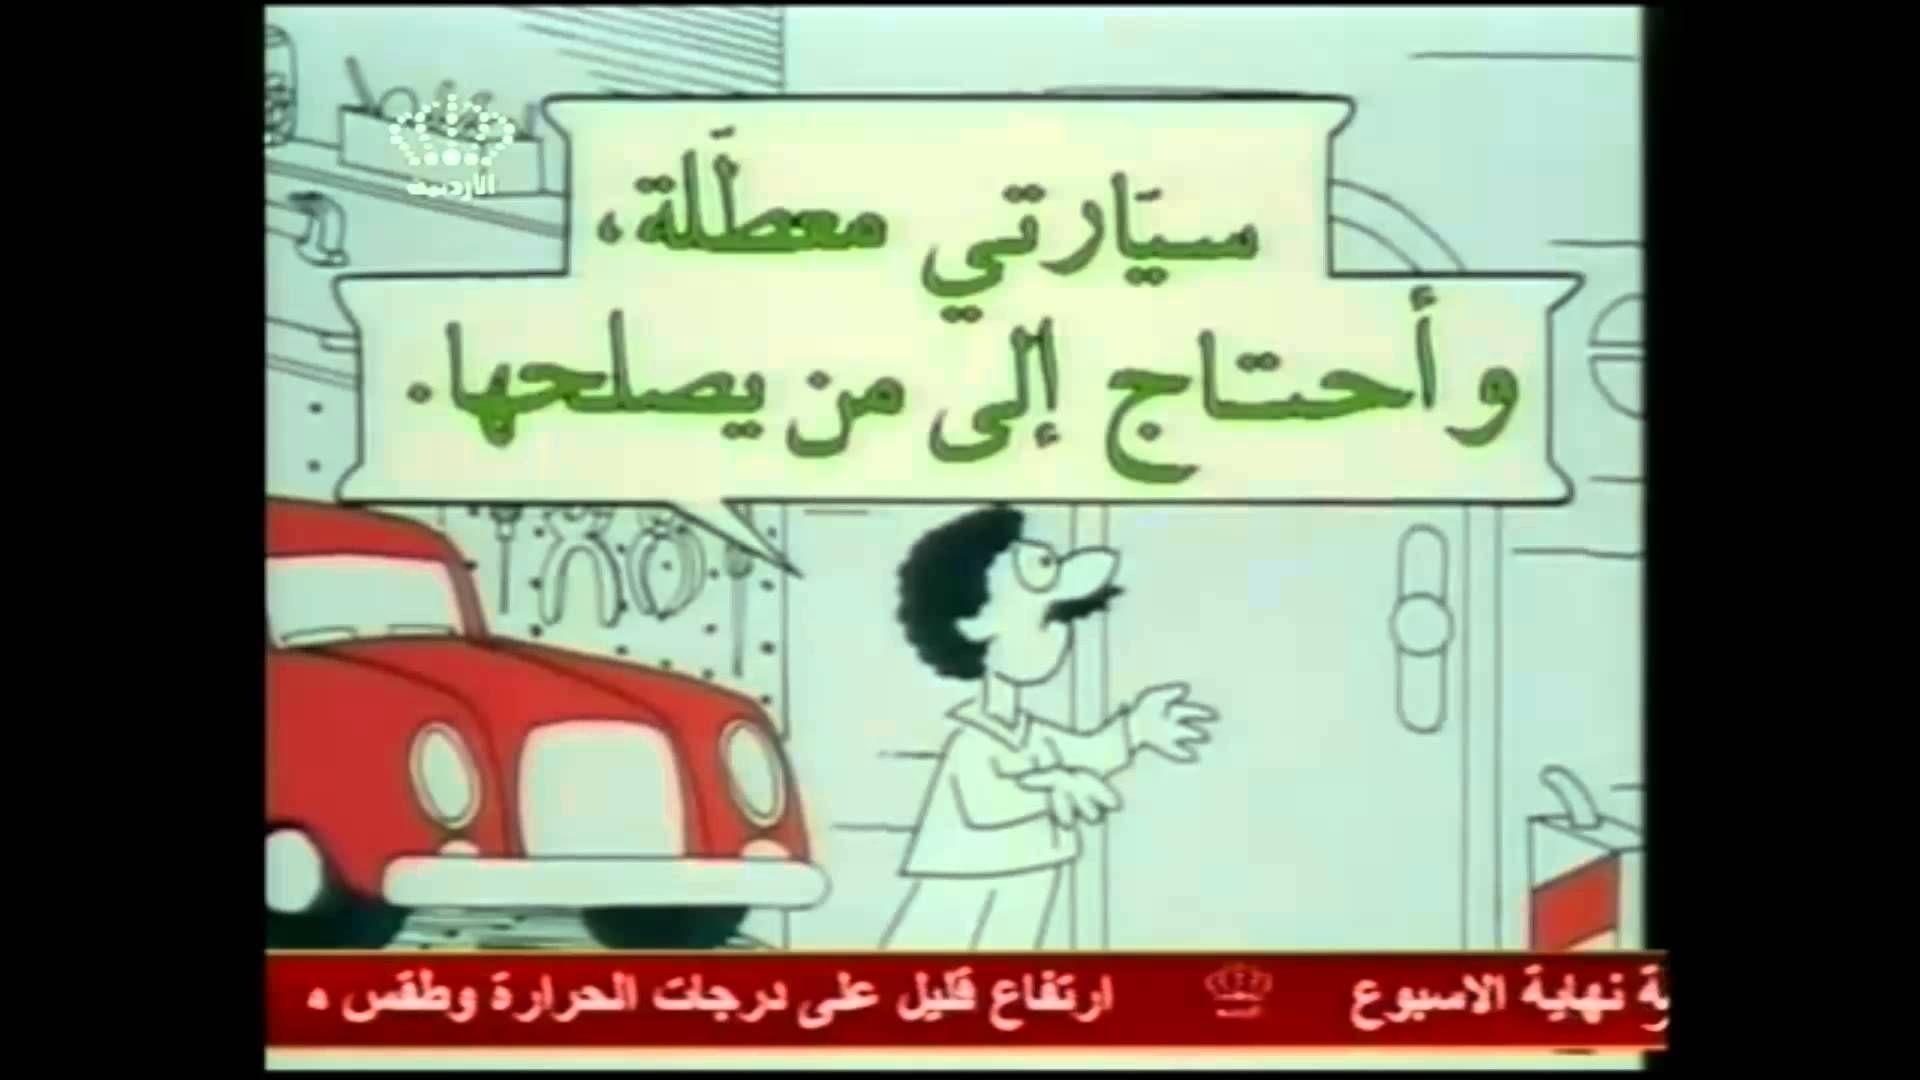 ما المشكلة سيارتي معطلة واحتاج إلي من يصلحها Arabic Kids Arabic Resources Teaching Videos